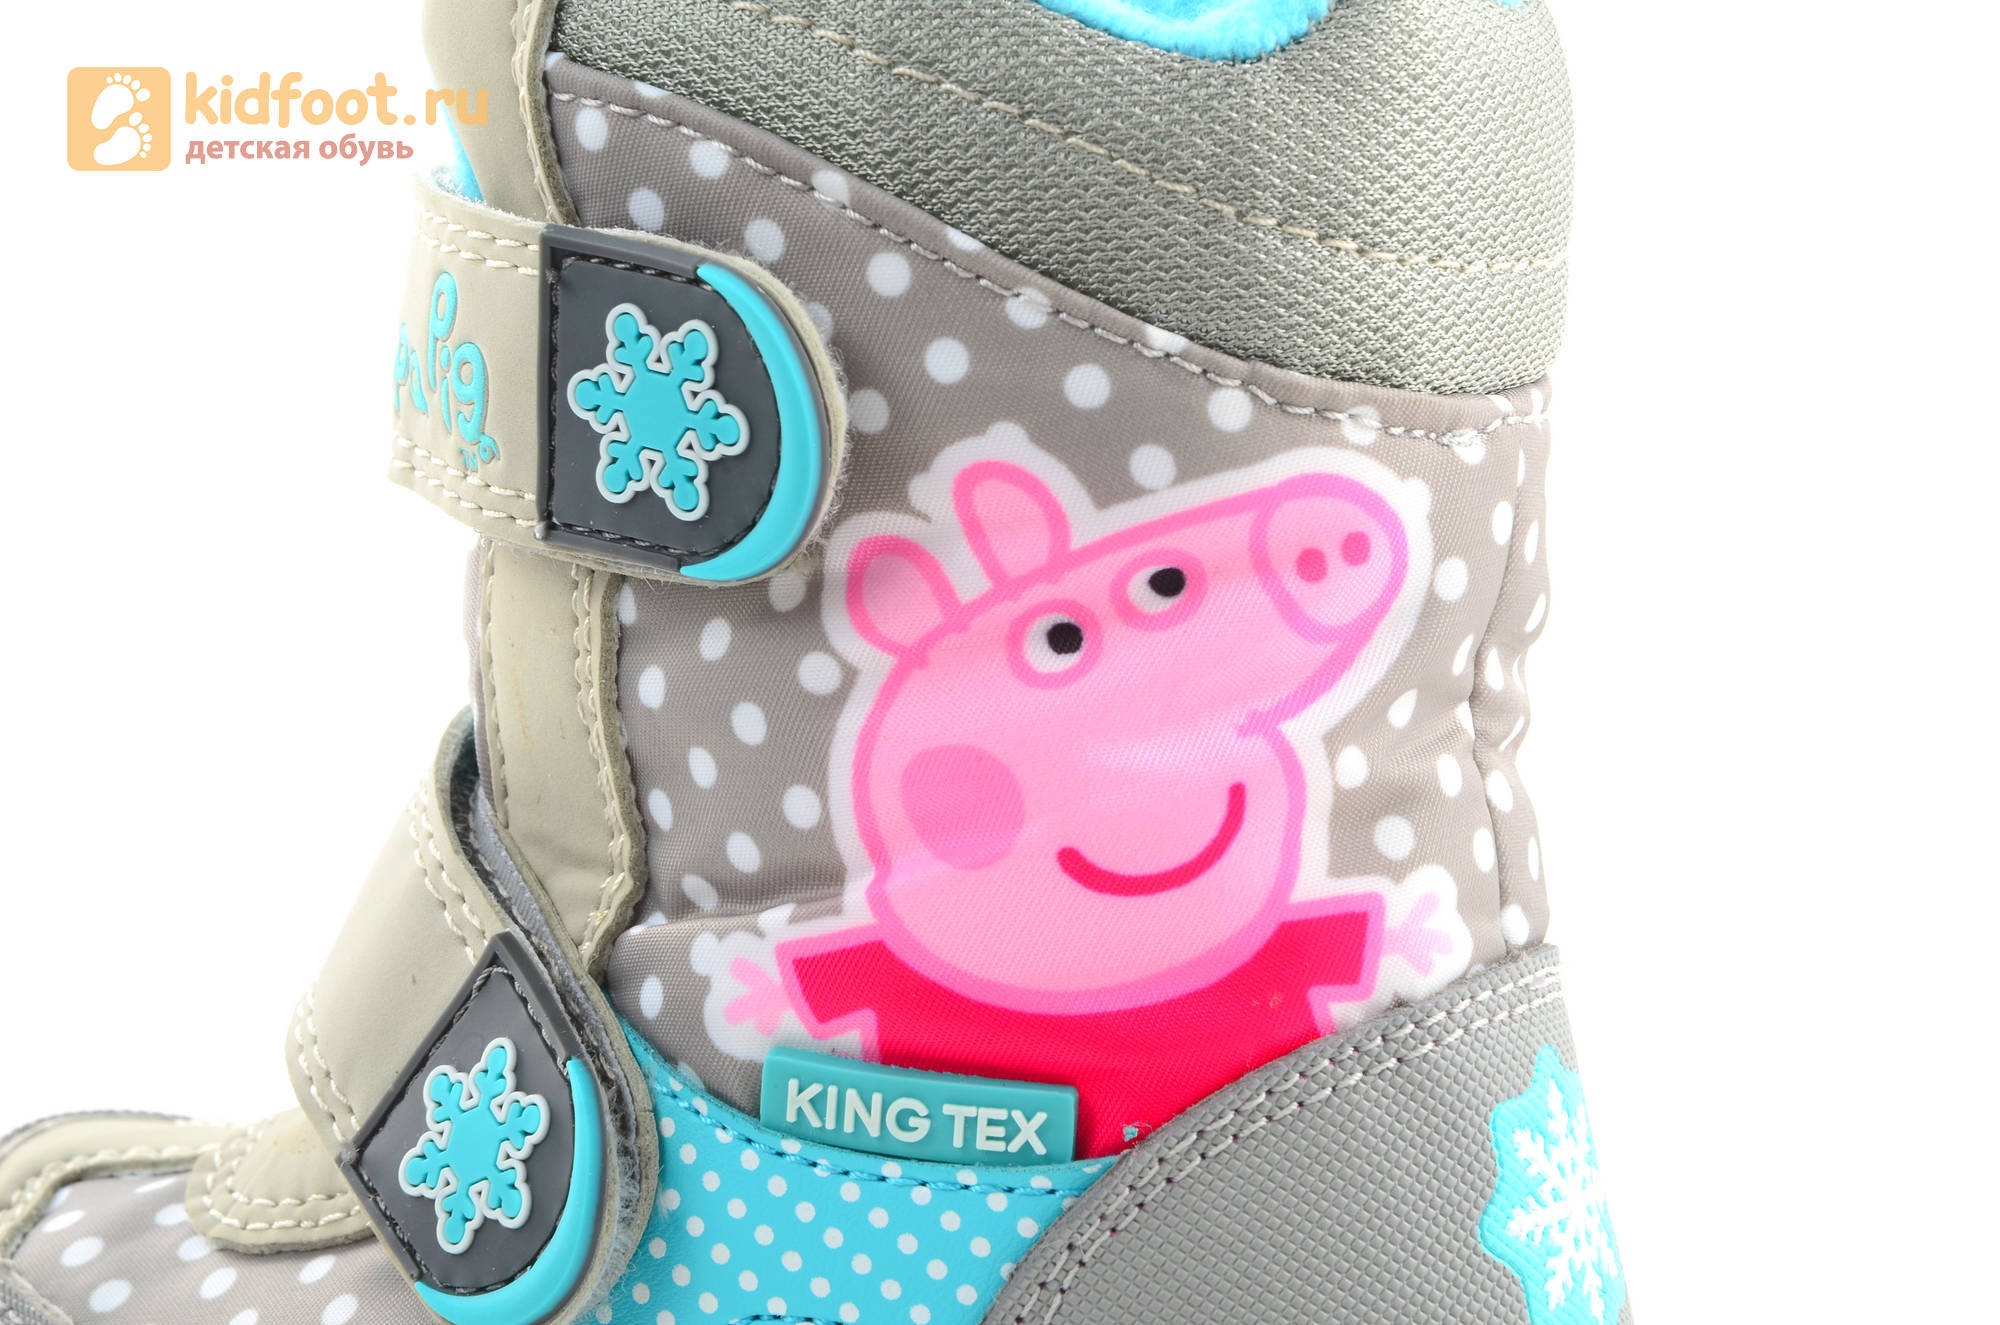 Зимние сапоги для девочек с мембраной KINGTEX Свинка Пеппа (Peppa Pig) на липучках, цвет серый